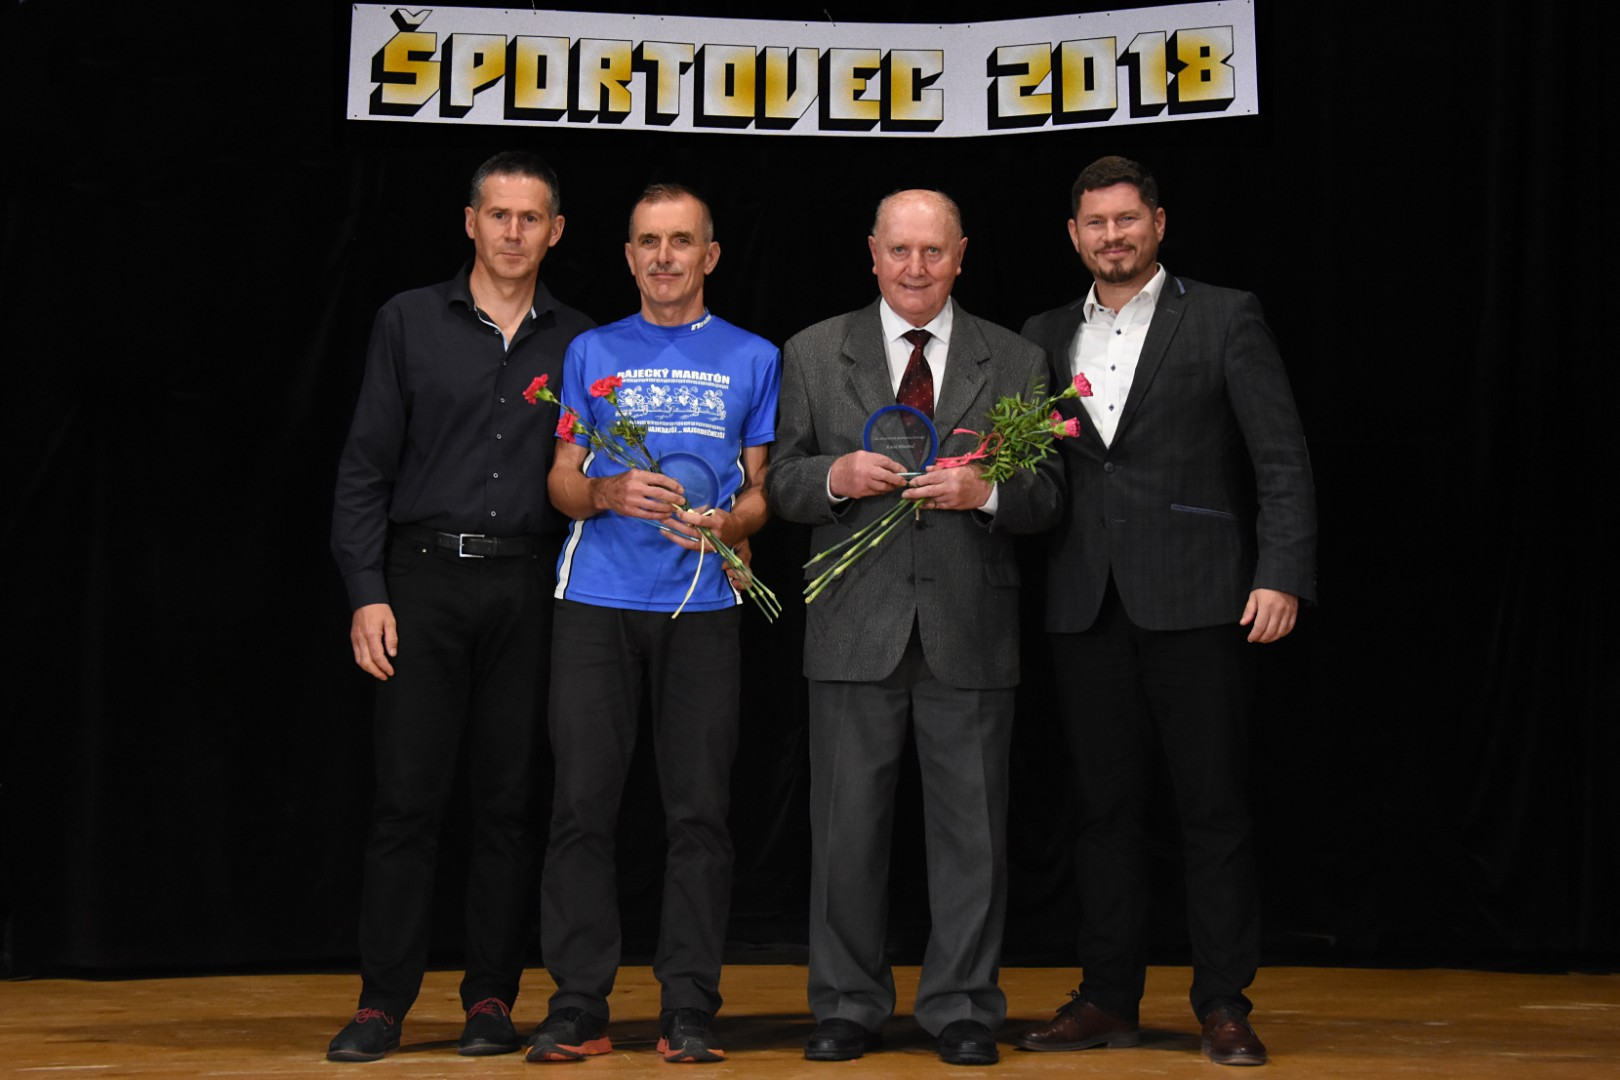 Športovec roka - ocenený za celoživotný prínos futbalovému klubu bol tiež pán Karol Mikolka